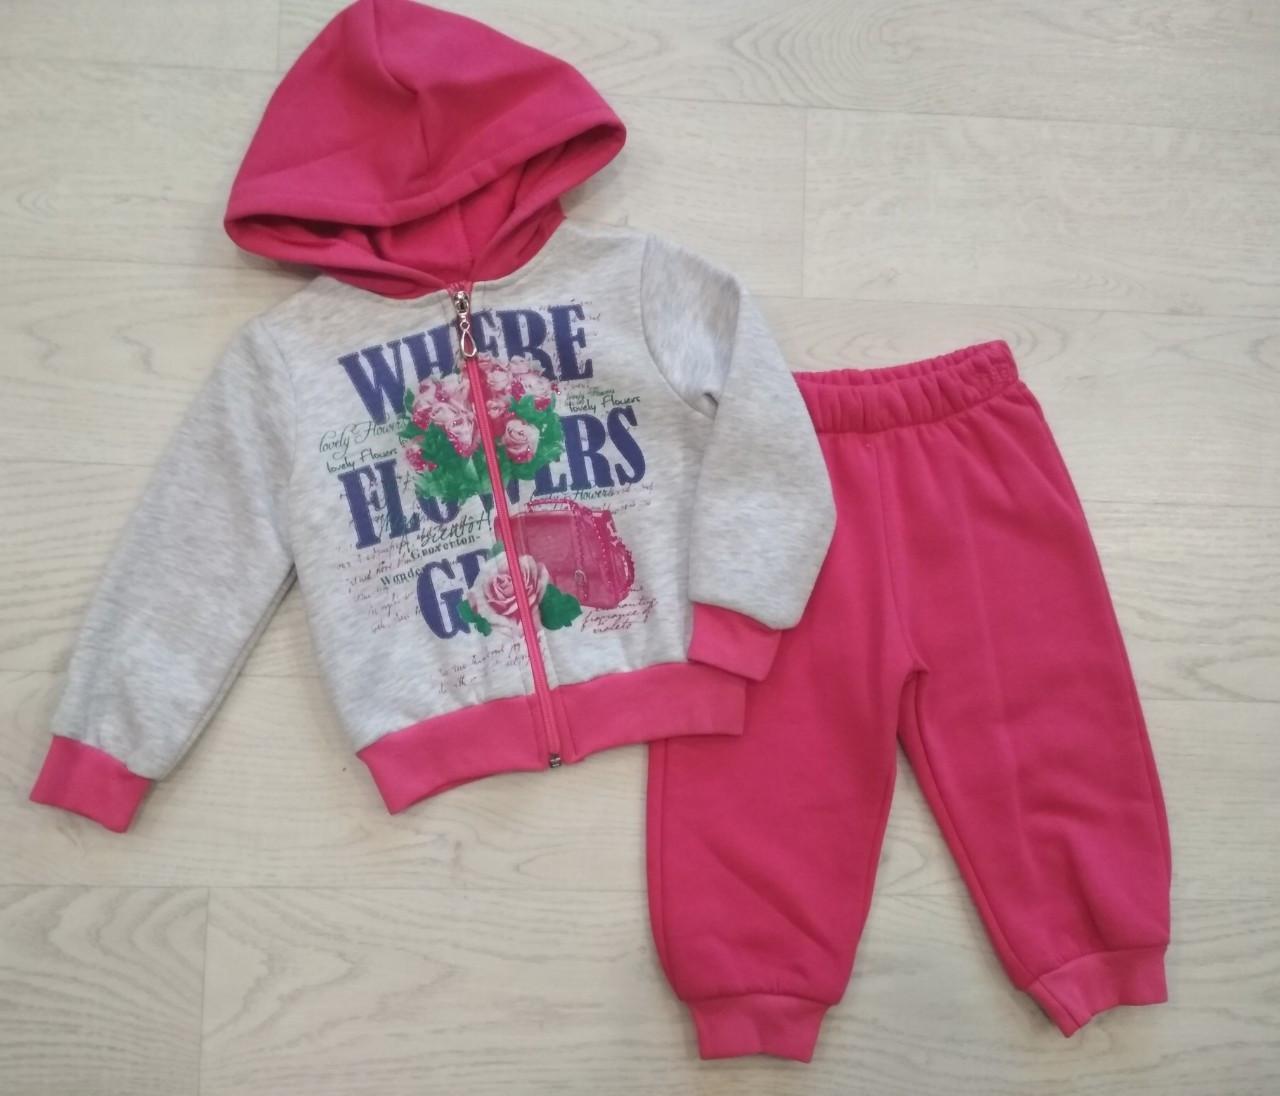 Спортивный костюм для девочки флис р. 80, 86, 92